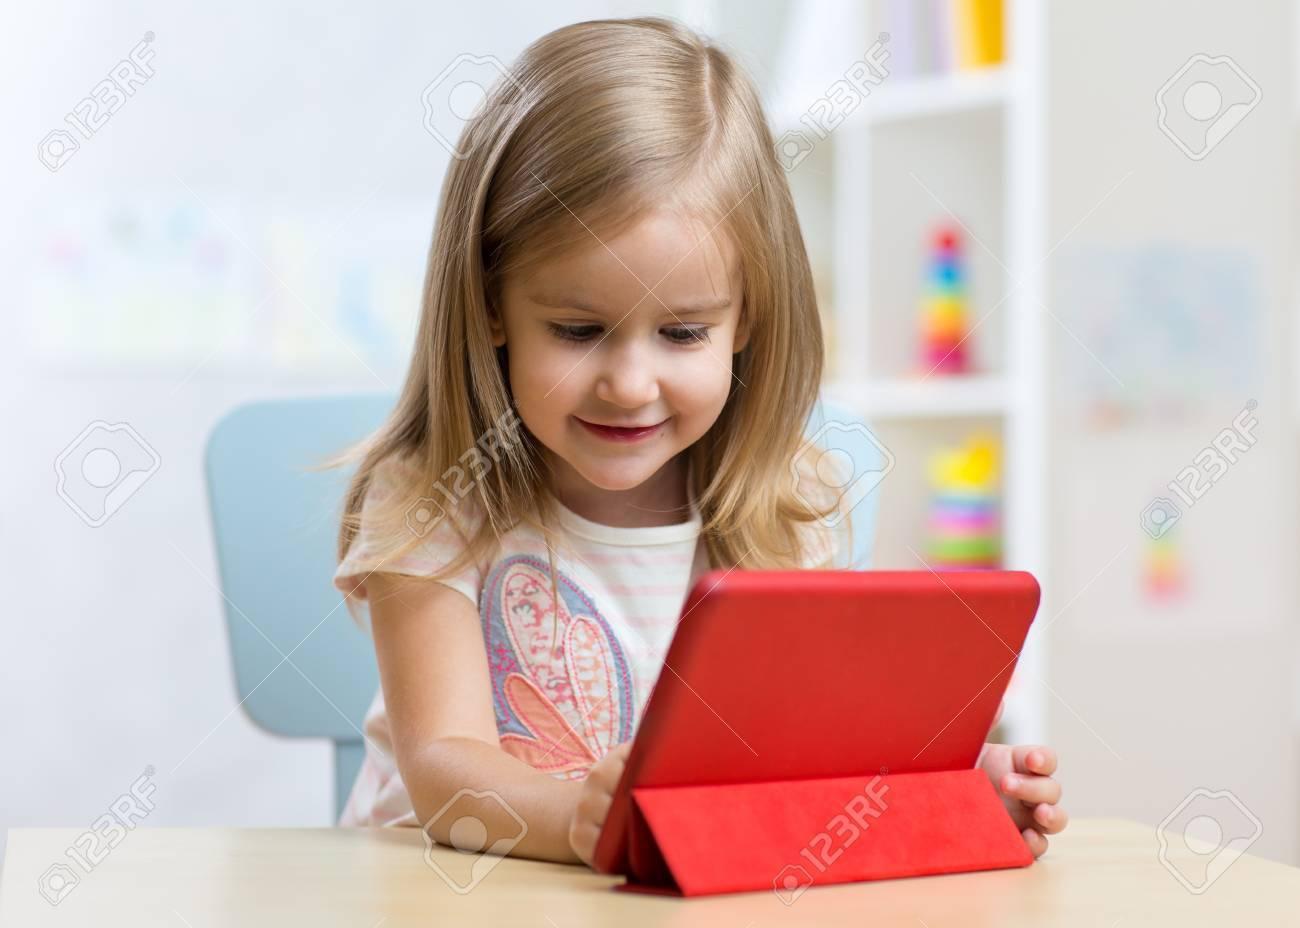 Enfant Fille Avec Ordinateur Tablette À Table À La Maison. à Tablette Enfant Fille